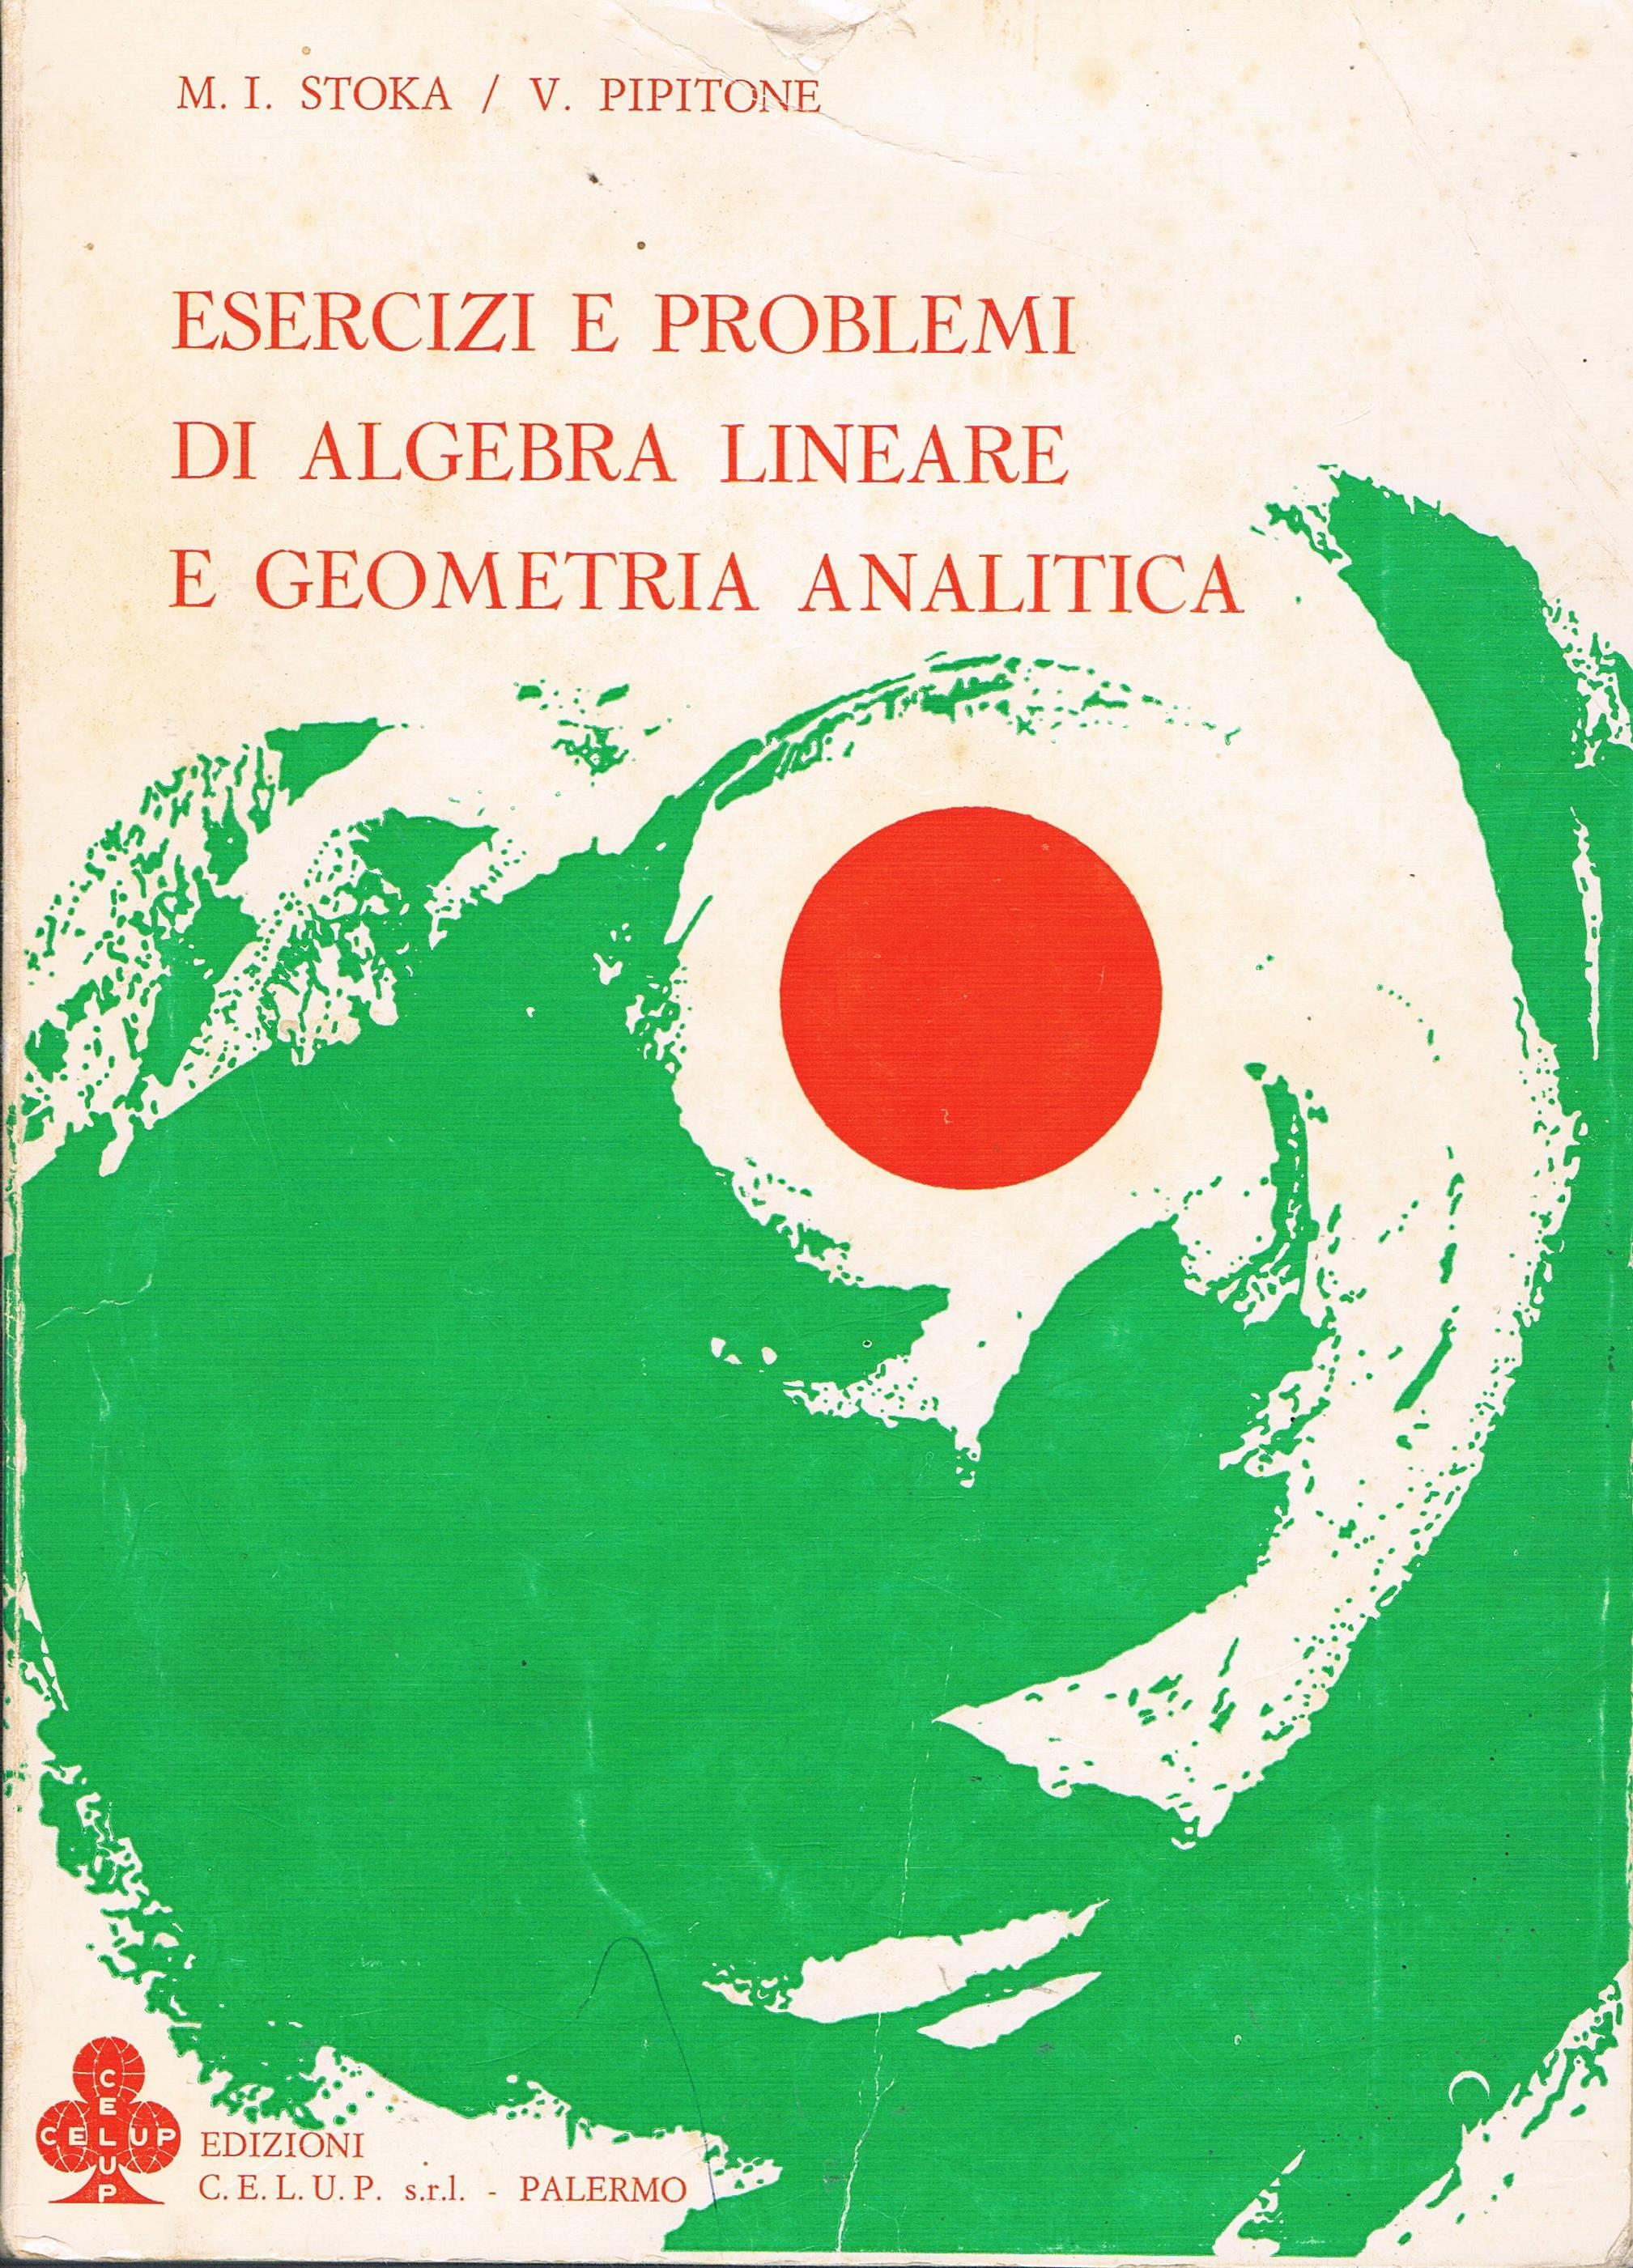 Esercizi e problemi di algebra lineare e geometria analitica